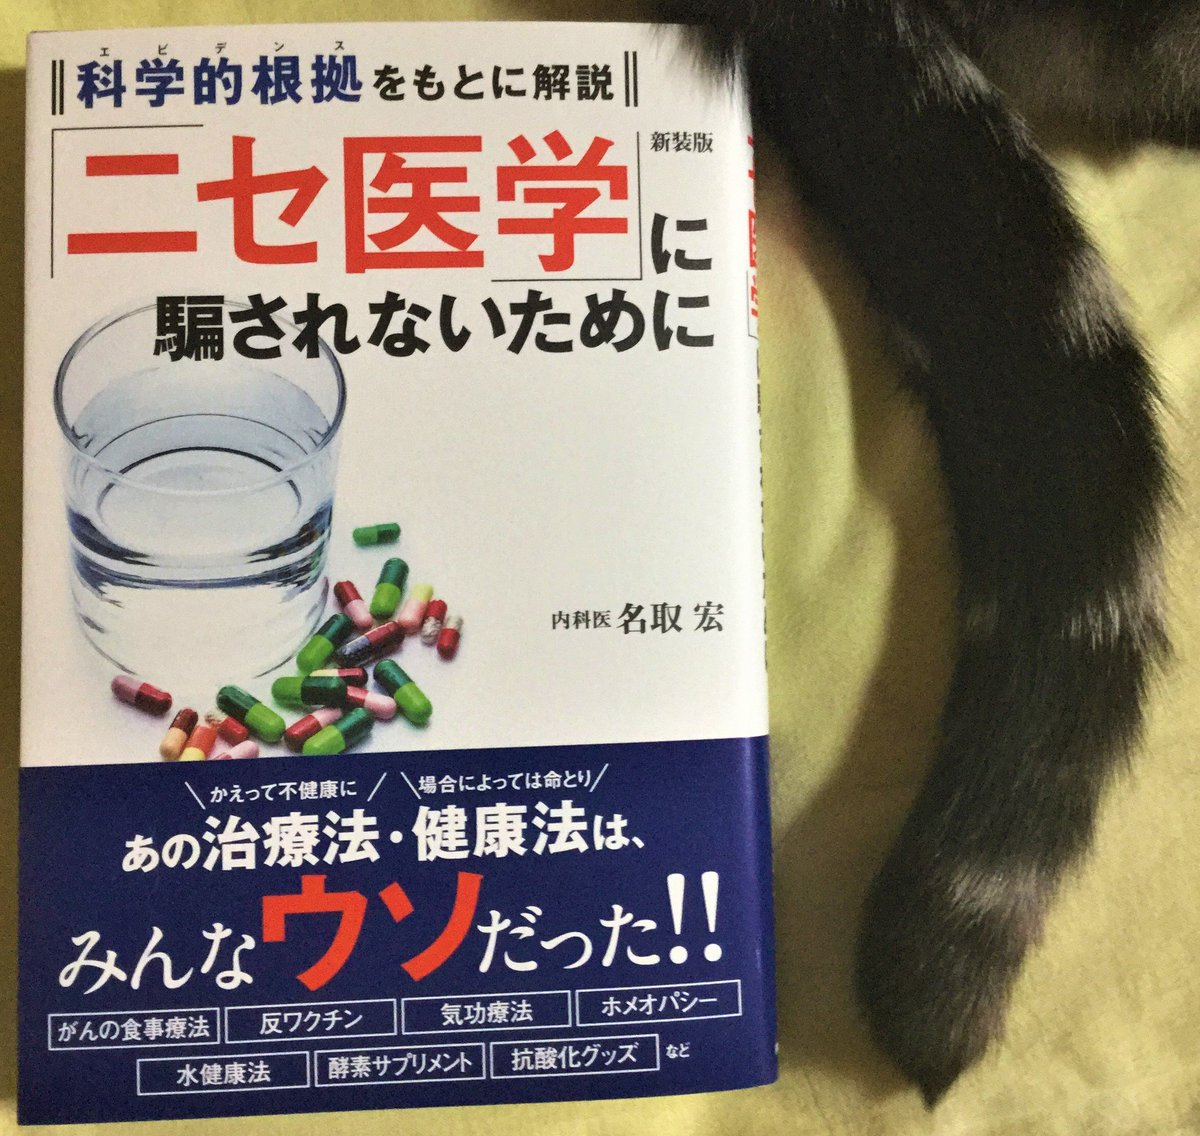 『新装版「ニセ医学」に騙されないために』[ https://t.co/v4R2PYcXKa ]の見本が届きました。本の表紙に「科学的根拠」と書いてあると売れ行きが上がるそうです(科学的根拠はありません)。